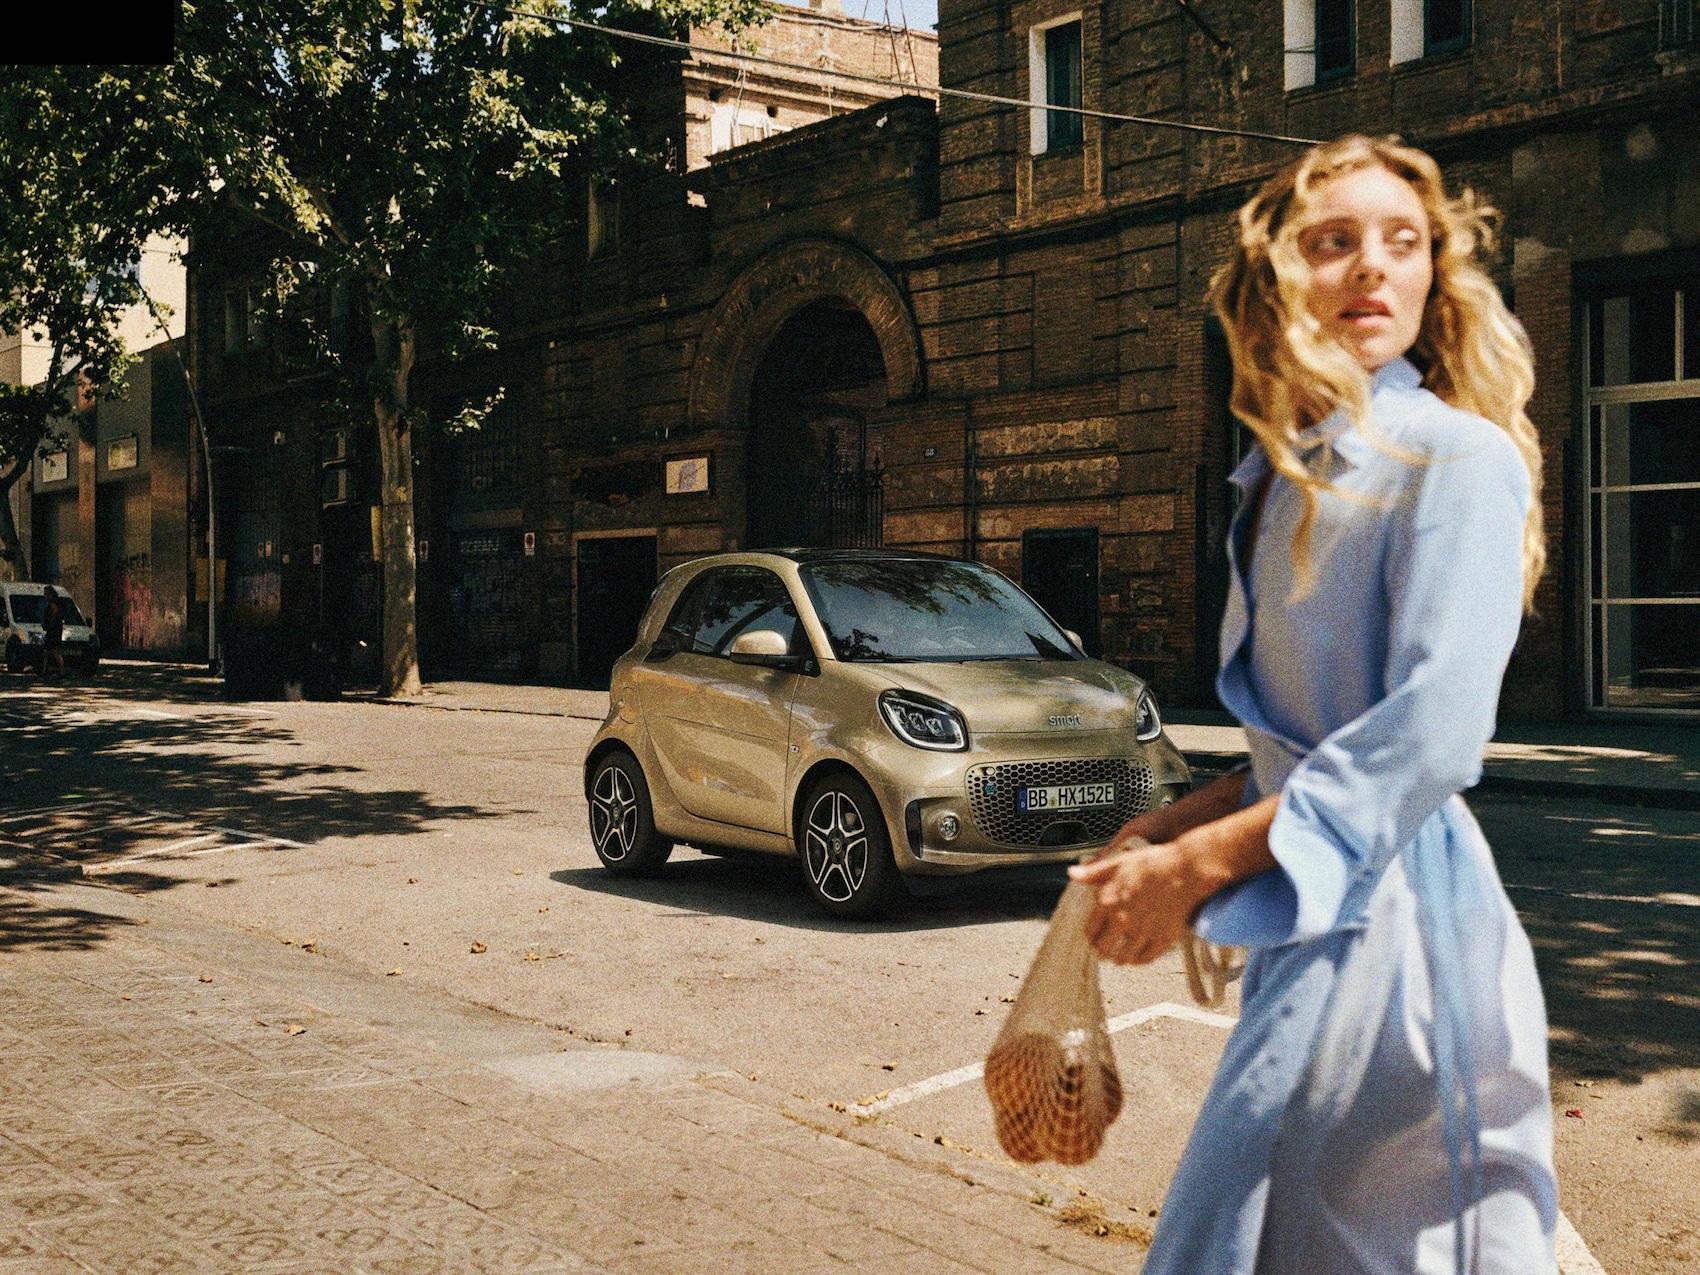 Una donna passa accanto a una smart EQ fortwo in movimento.